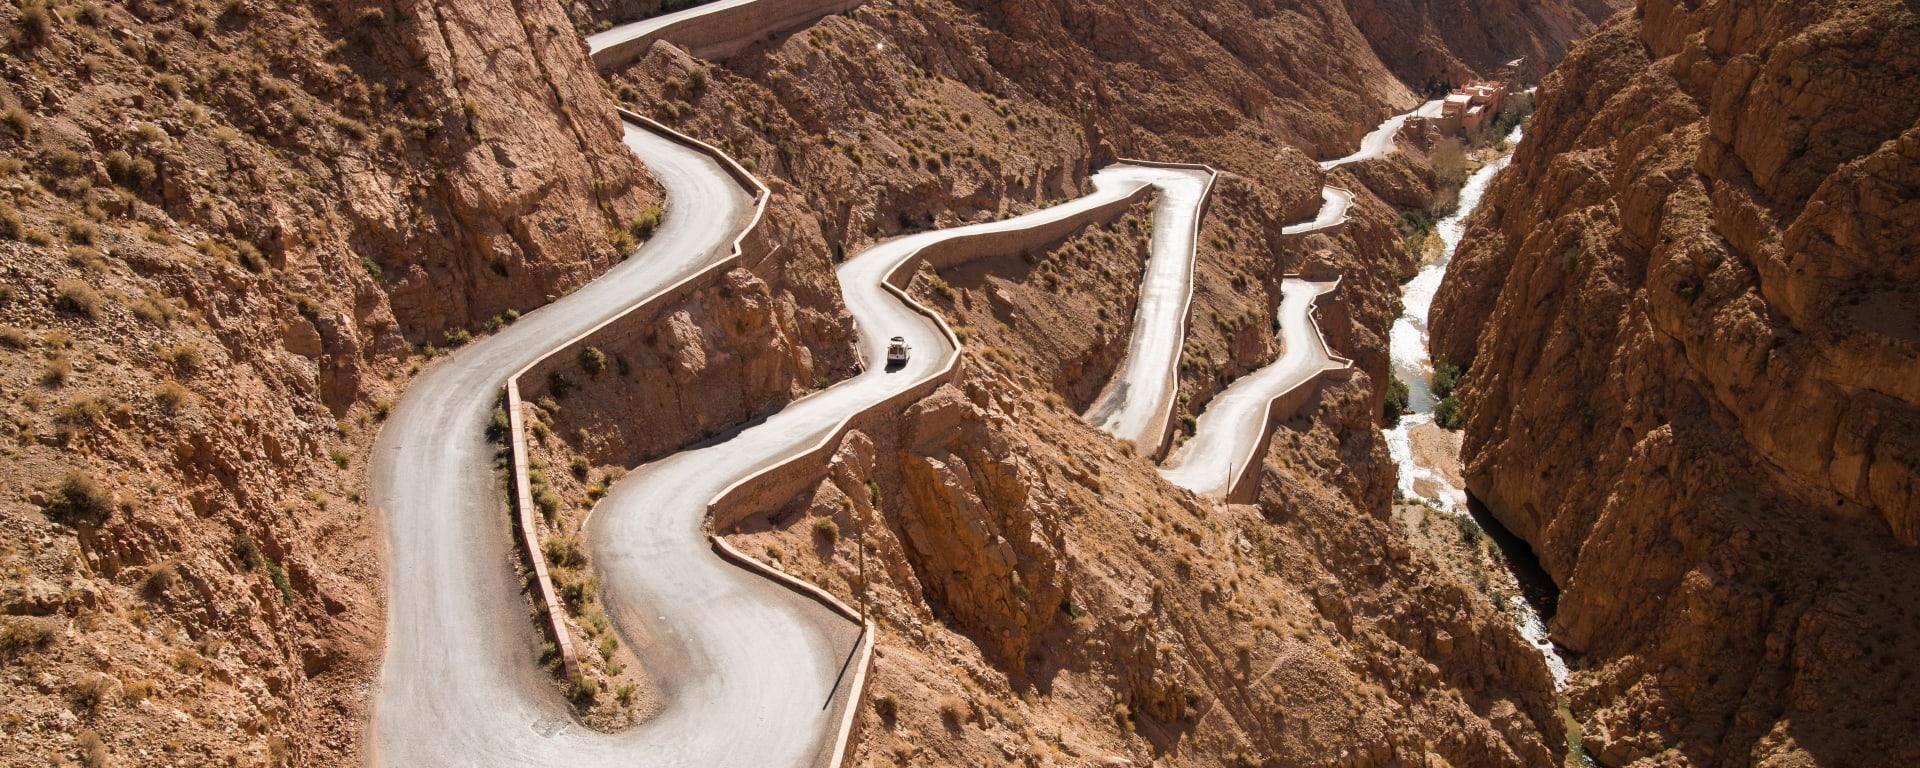 Auf den Straßen und Pisten des Königreichs ab Marrakesch: Dades-Schlucht